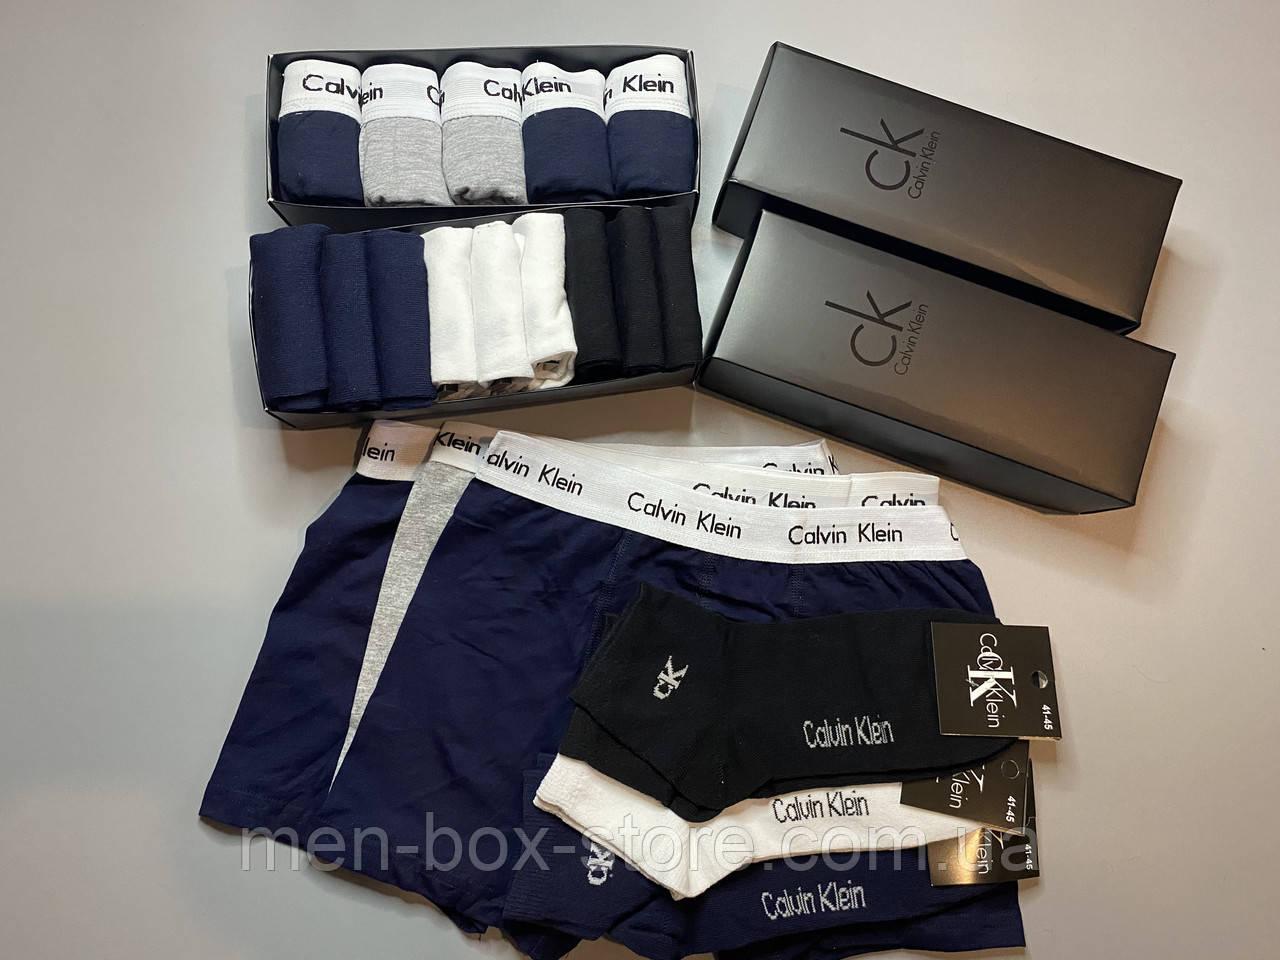 Мужские трусы боксеры и носки (5 шт.) + носки (9 пар).(в подарочных коробках. Трусы транки боксеры шорты XXL